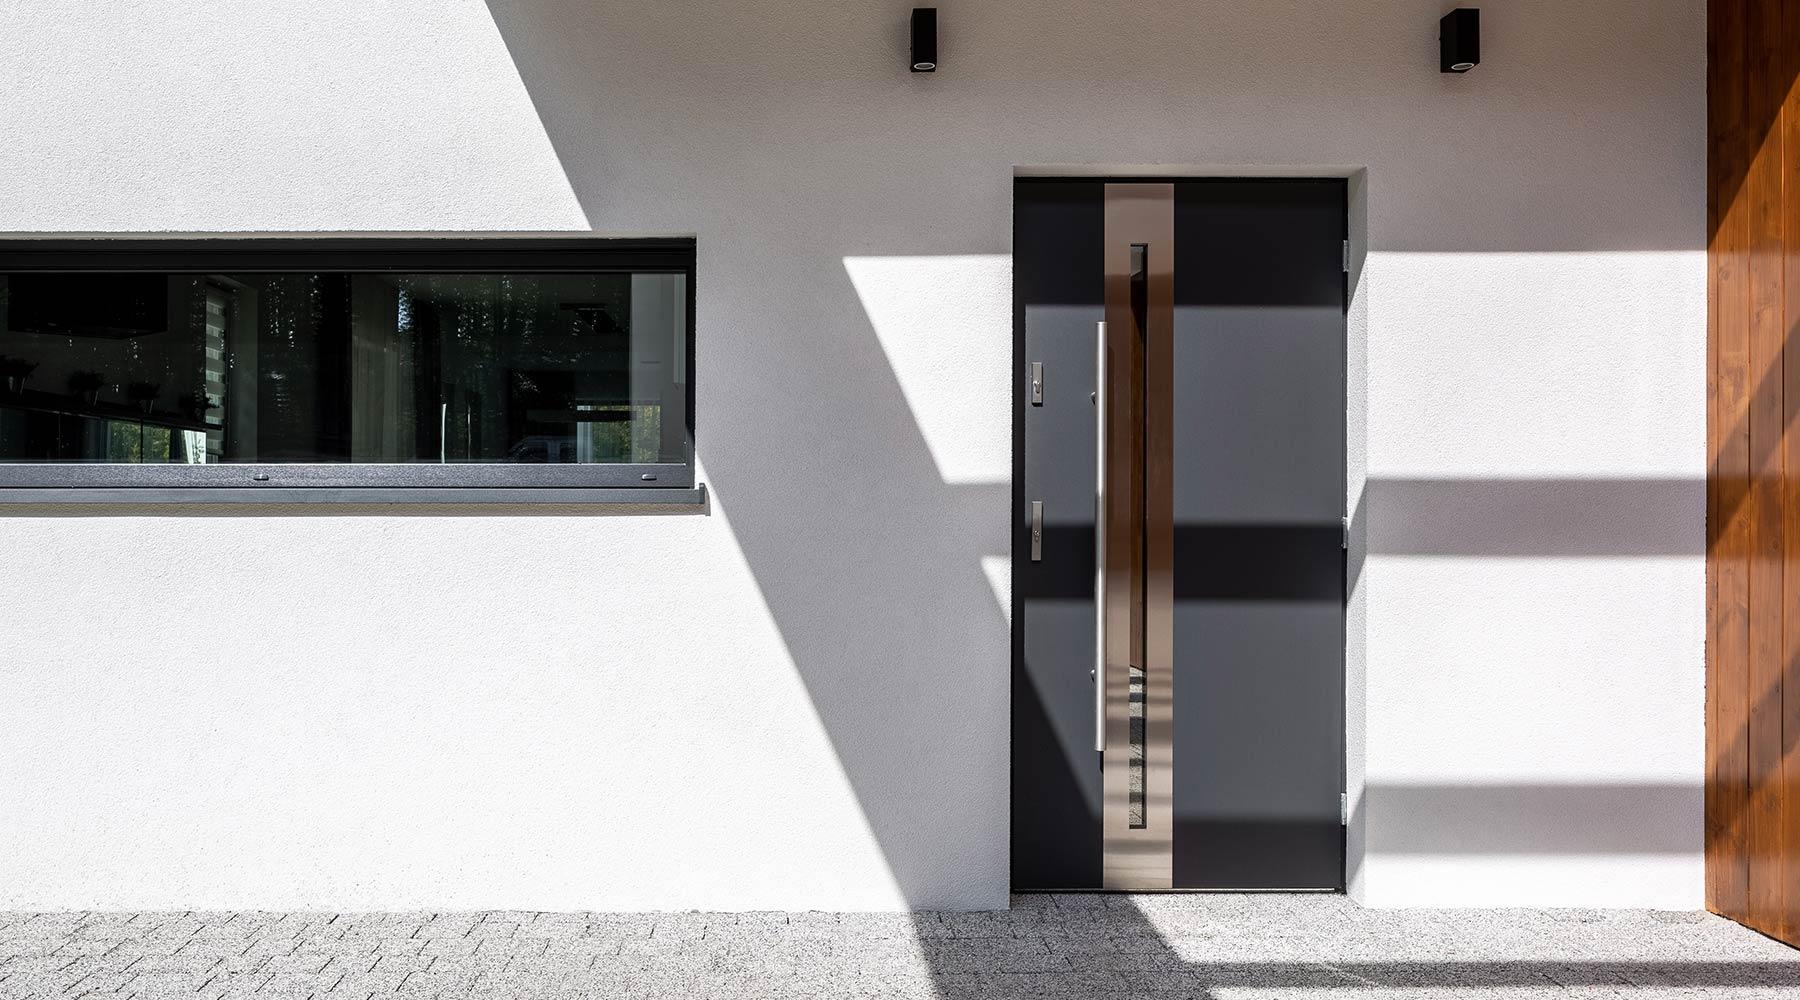 km-plast-rozwiązania-energooszczędne-drzwi-stalowe-odporność-trwałość-funkcjonalność-najwyższa-jakość